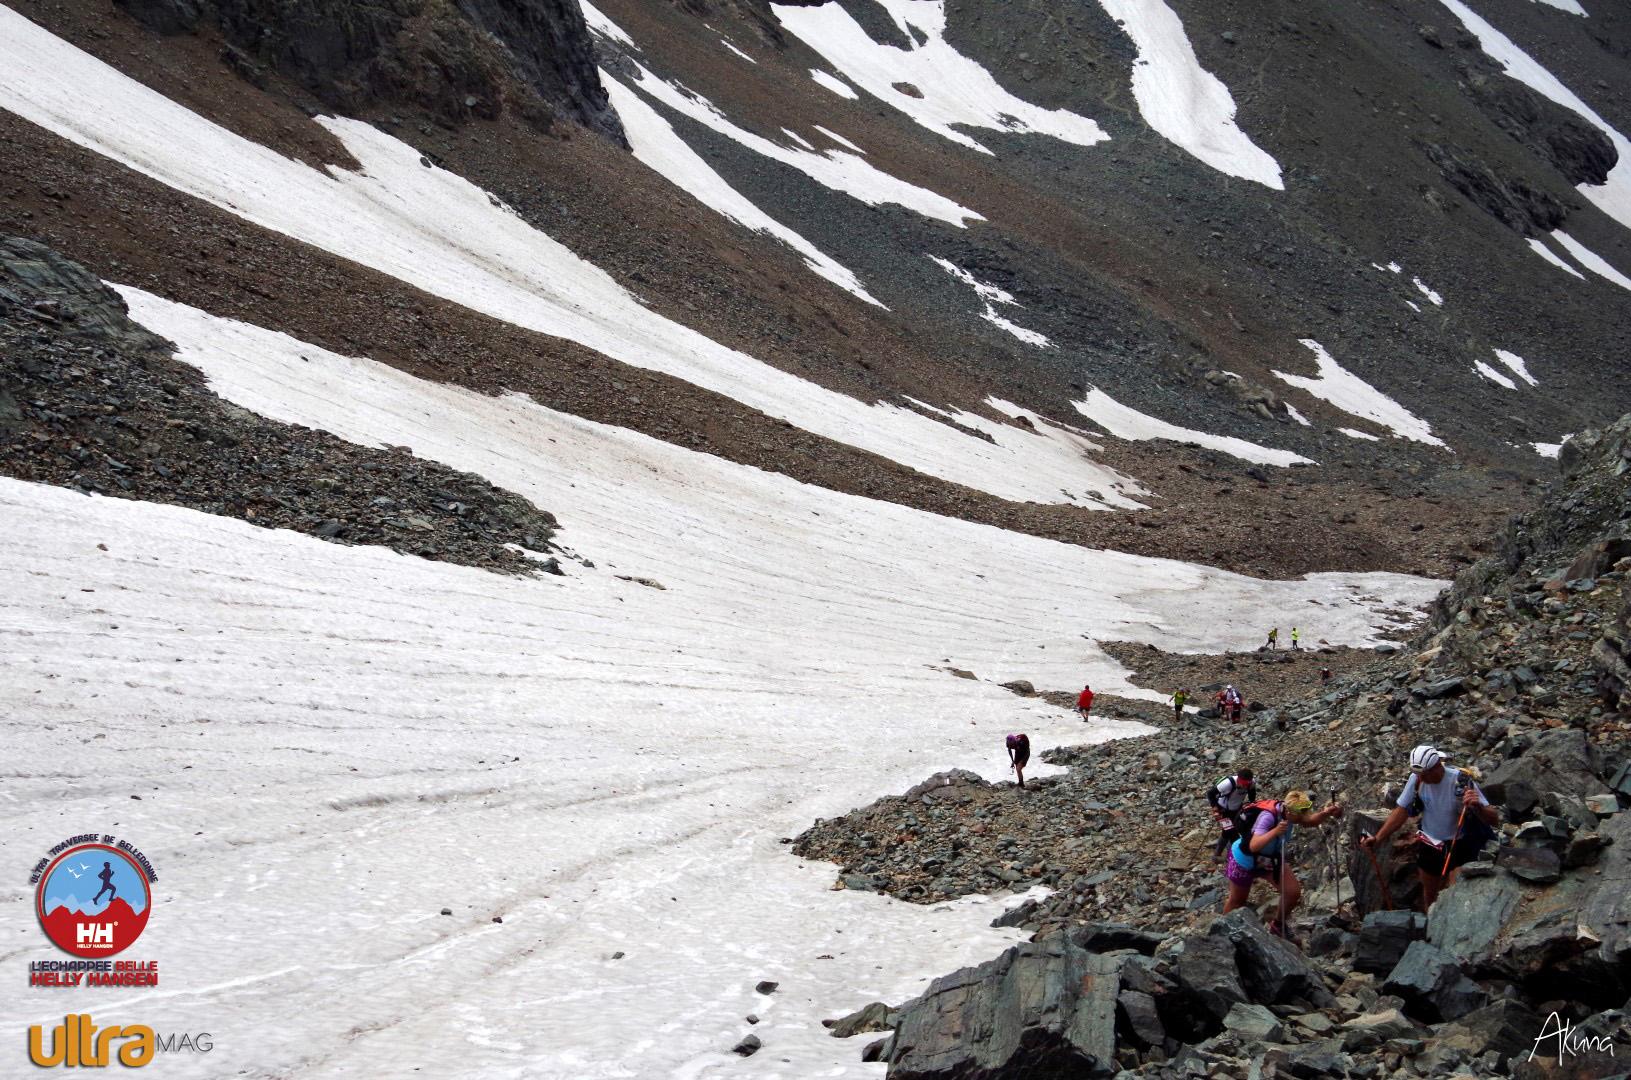 AKU0046 Large - ECHAPPEE BELLE-HELLY HANSEN 2014 : l'interview exclusive du vainqueur Sangé Sherpa (Alexandre Garin), résultats et photos.